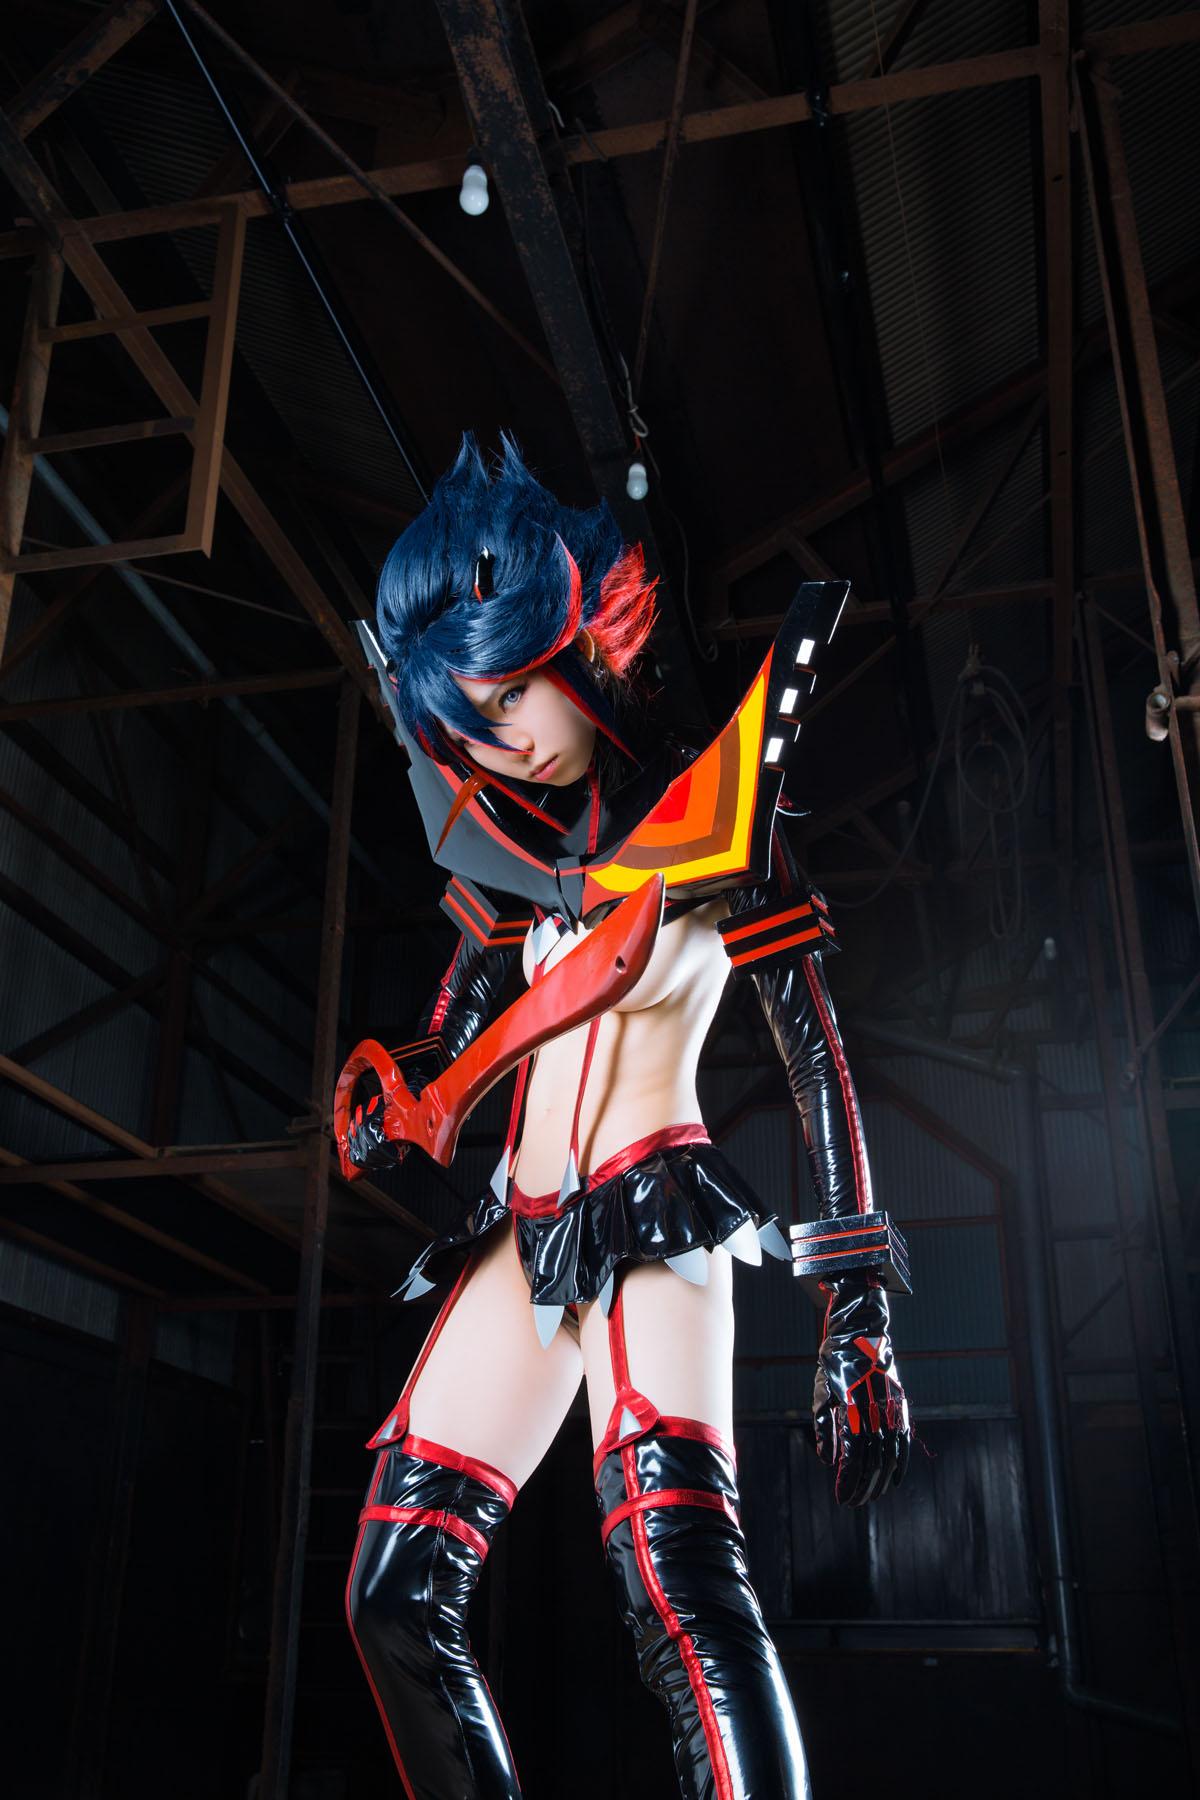 Kill la Kill Ryuuko Matoi anime cosplay by Mikehouse 0034